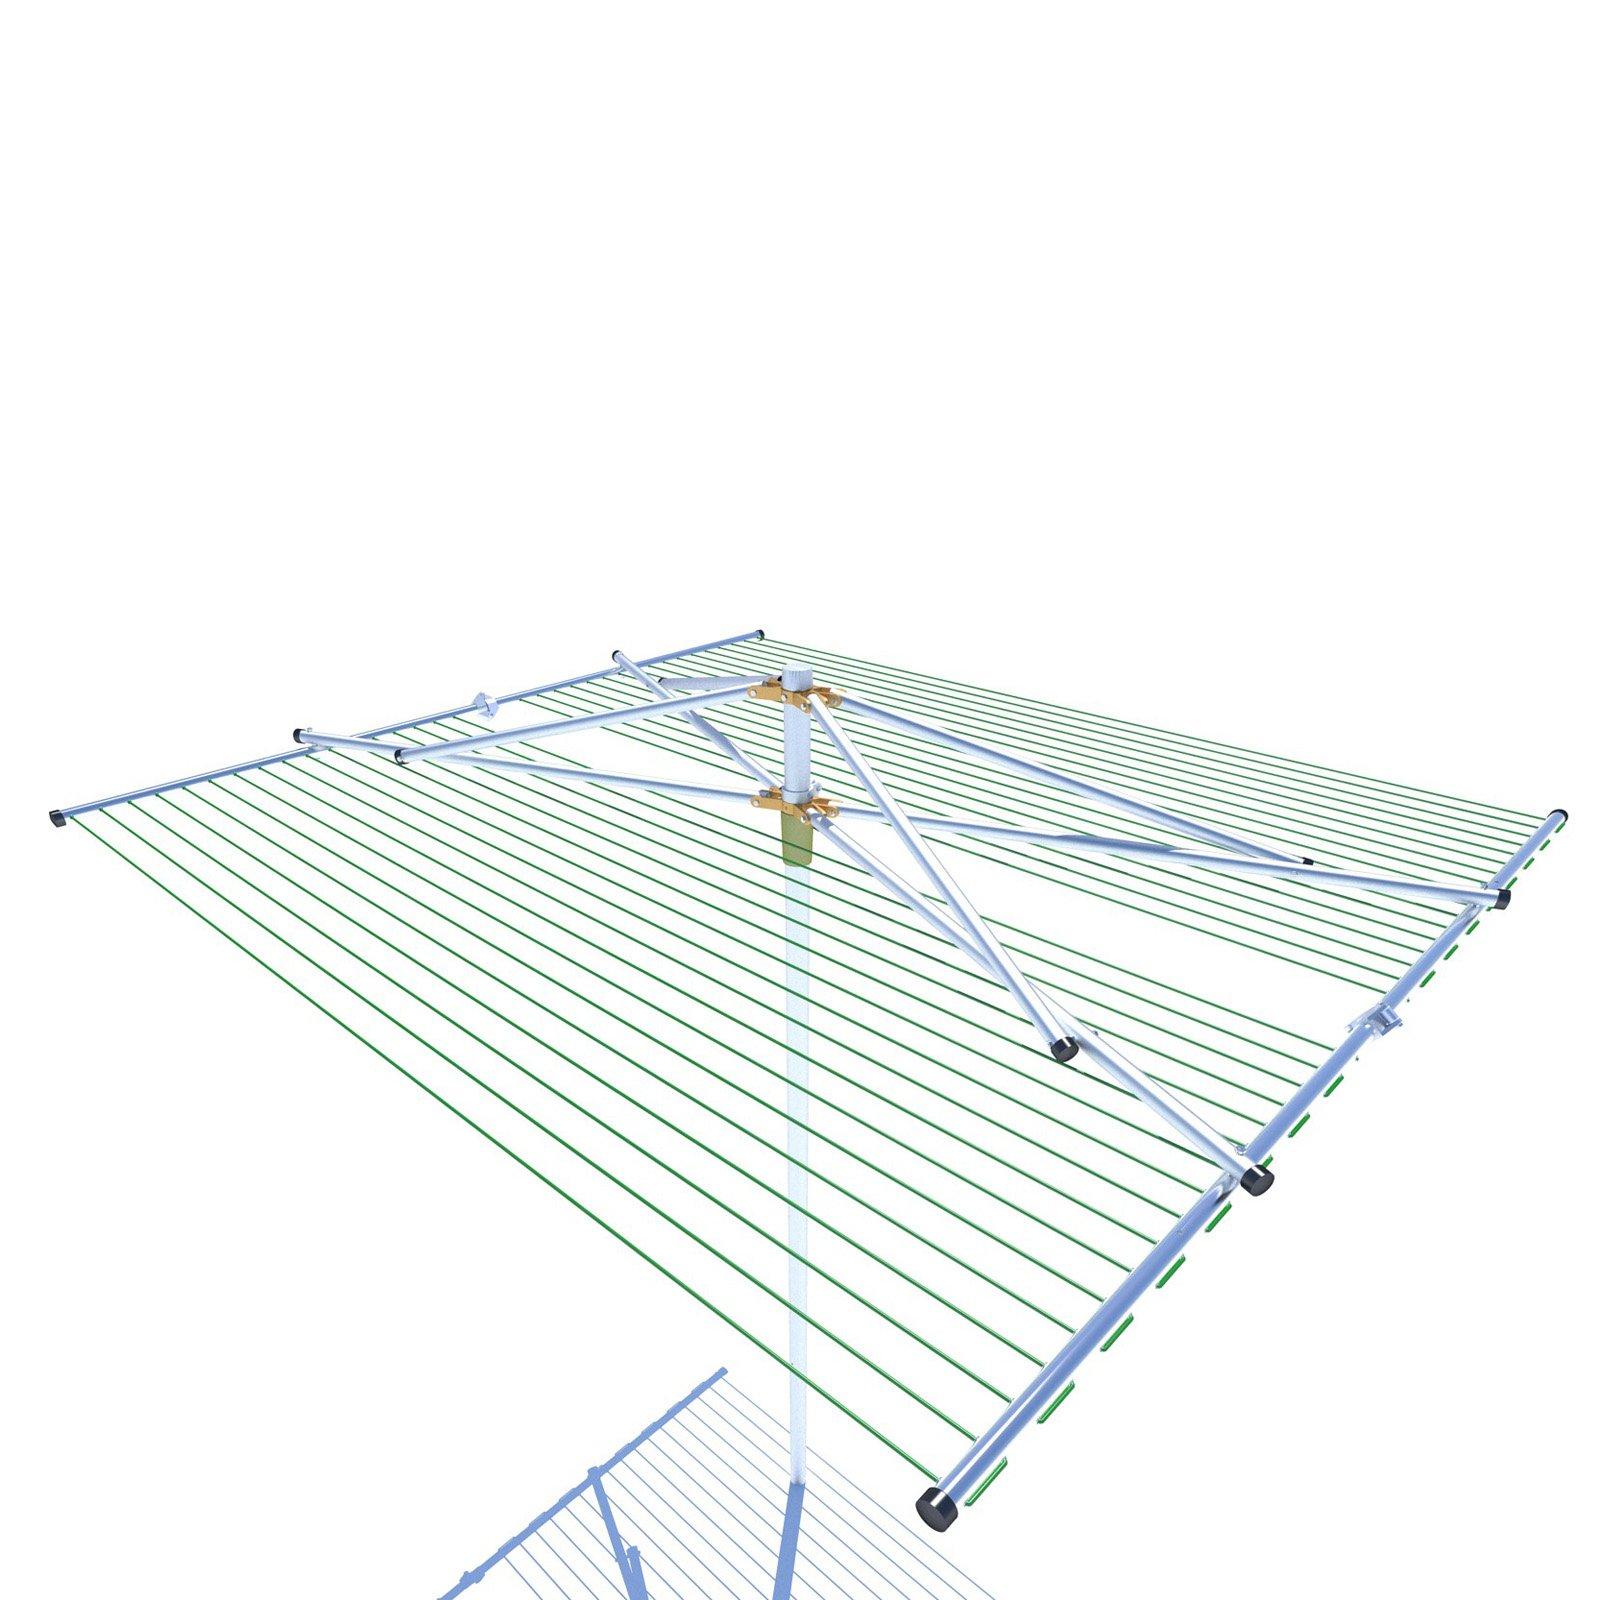 Breezecatcher PLD-204 Parallel Outdoor Umbrella Clothesline